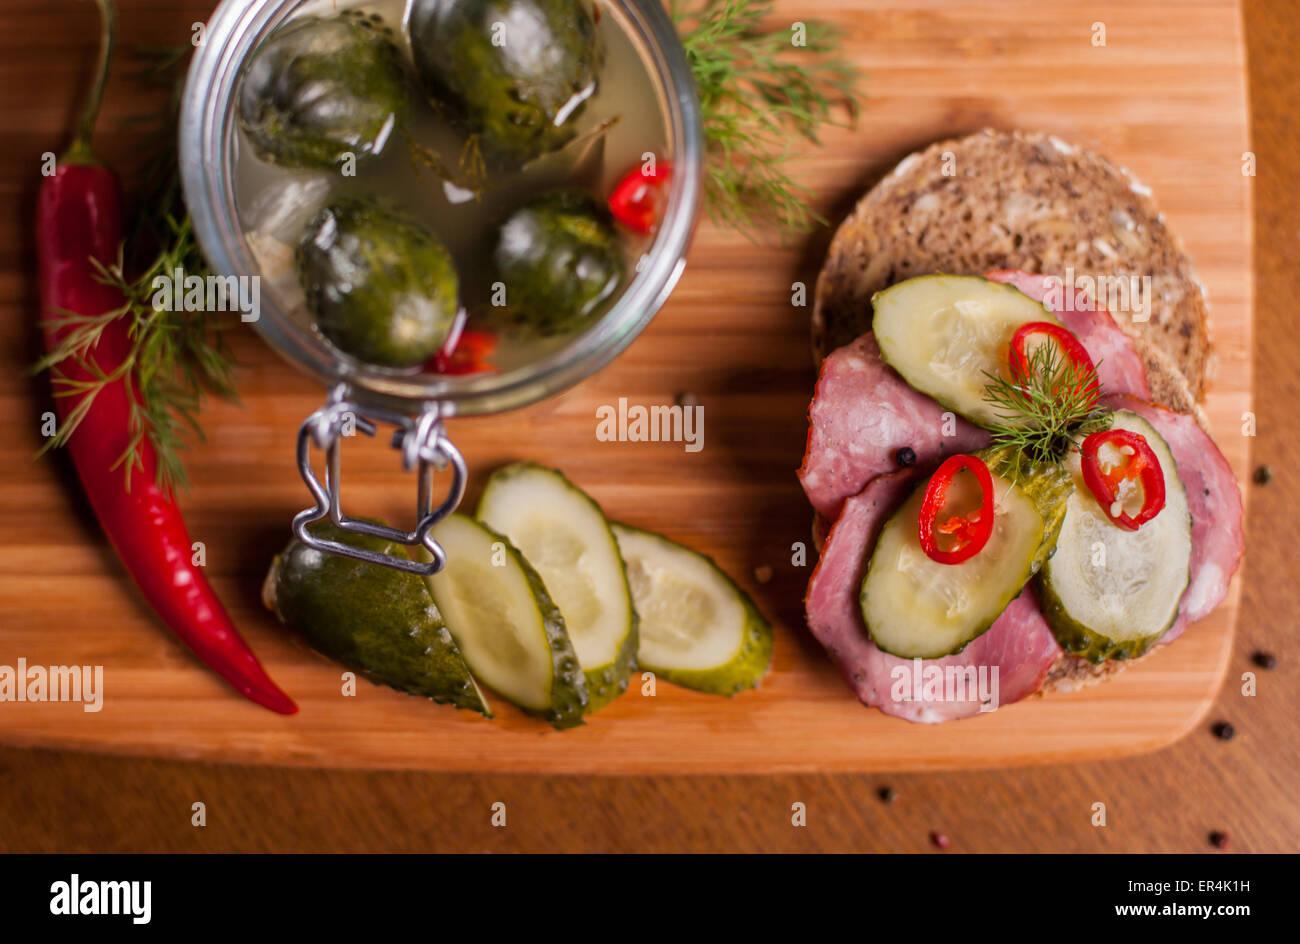 Sándwich con productos caseros en la placa de corte. Debica, Polonia Foto de stock